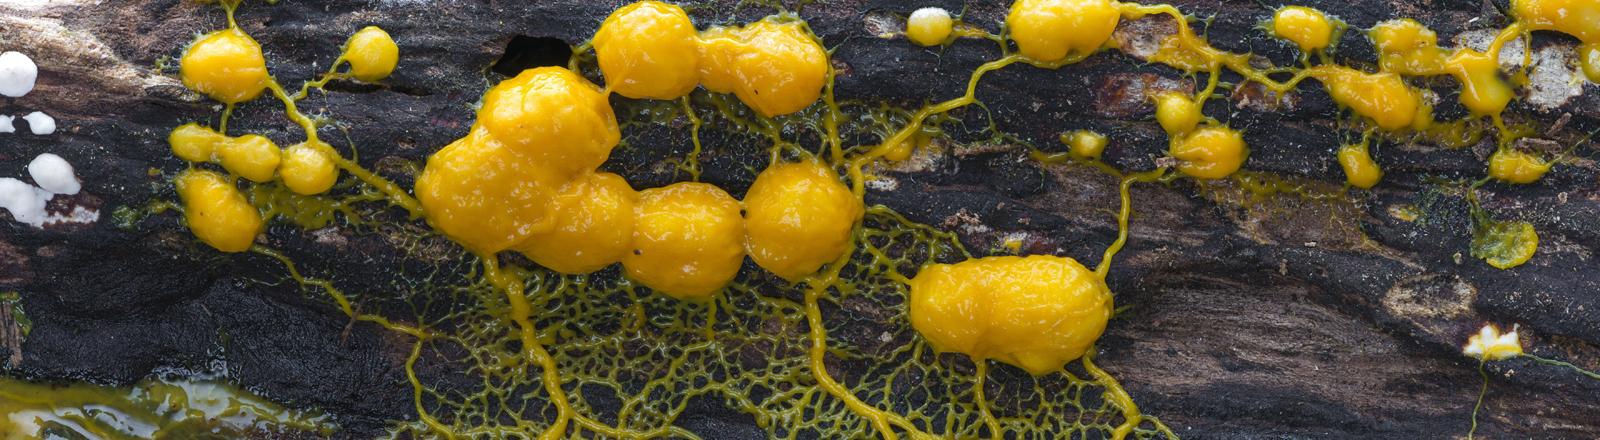 Ein gelbes, pilzartiges Geflecht